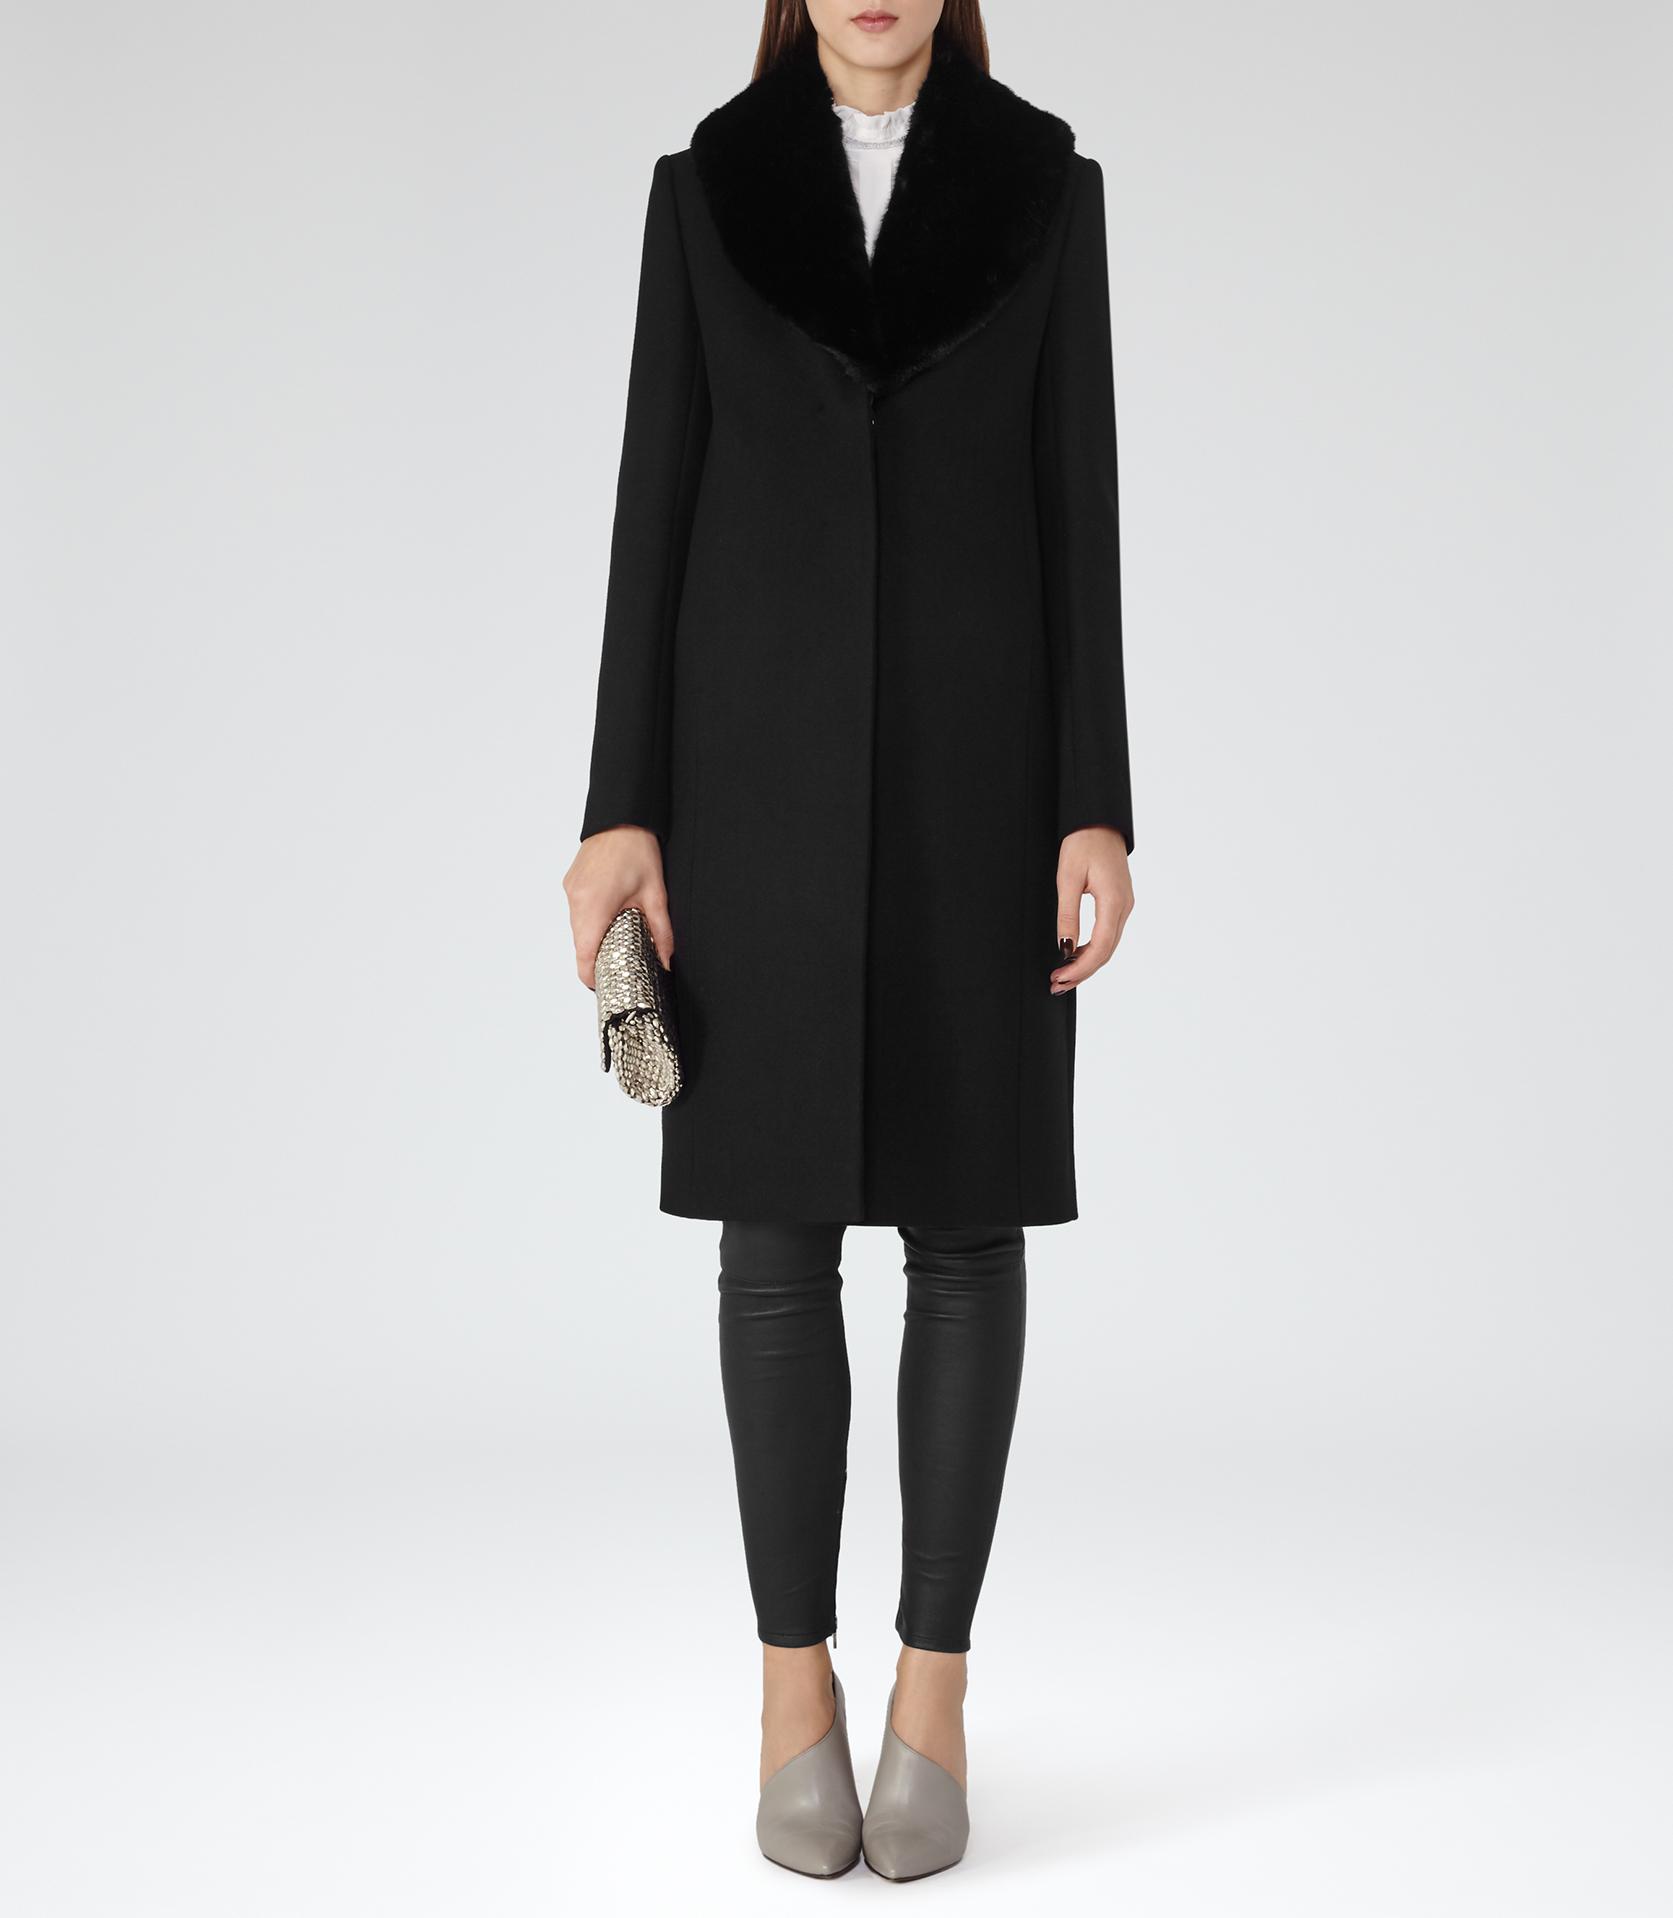 Reiss long black coat